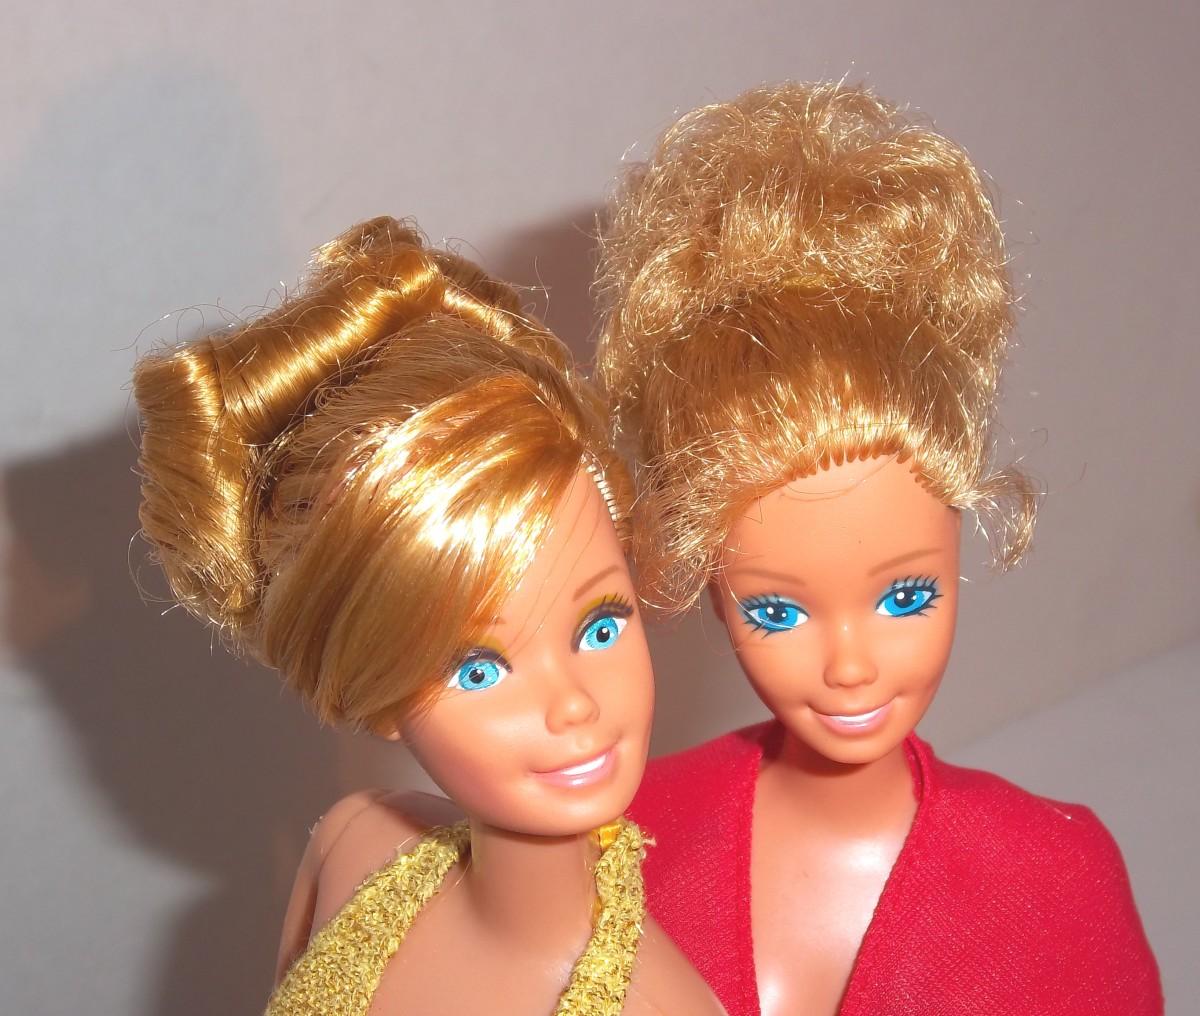 Прически для куклы своими руками для барби